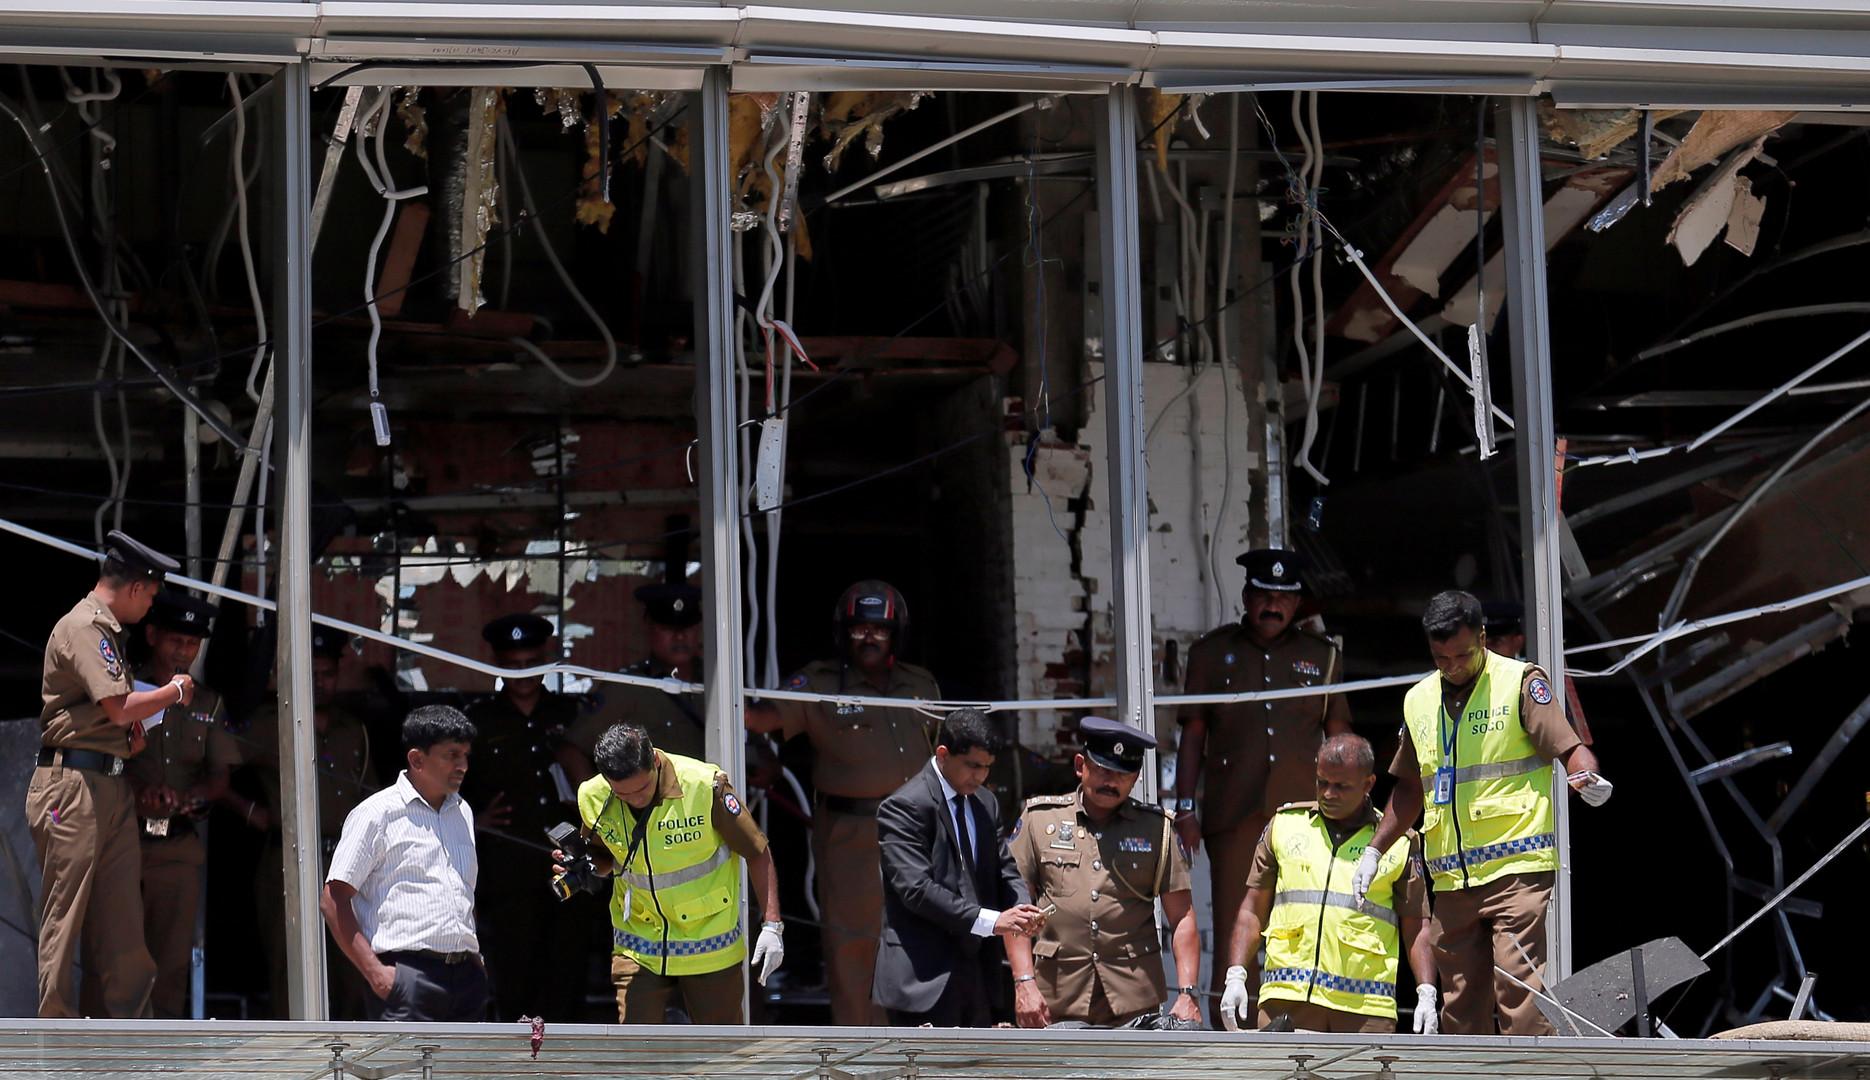 ارتفاع عدد قتلى تفجيرات سريلانكا إلى 290 شخصا وإصابة نحو 500 آخرين